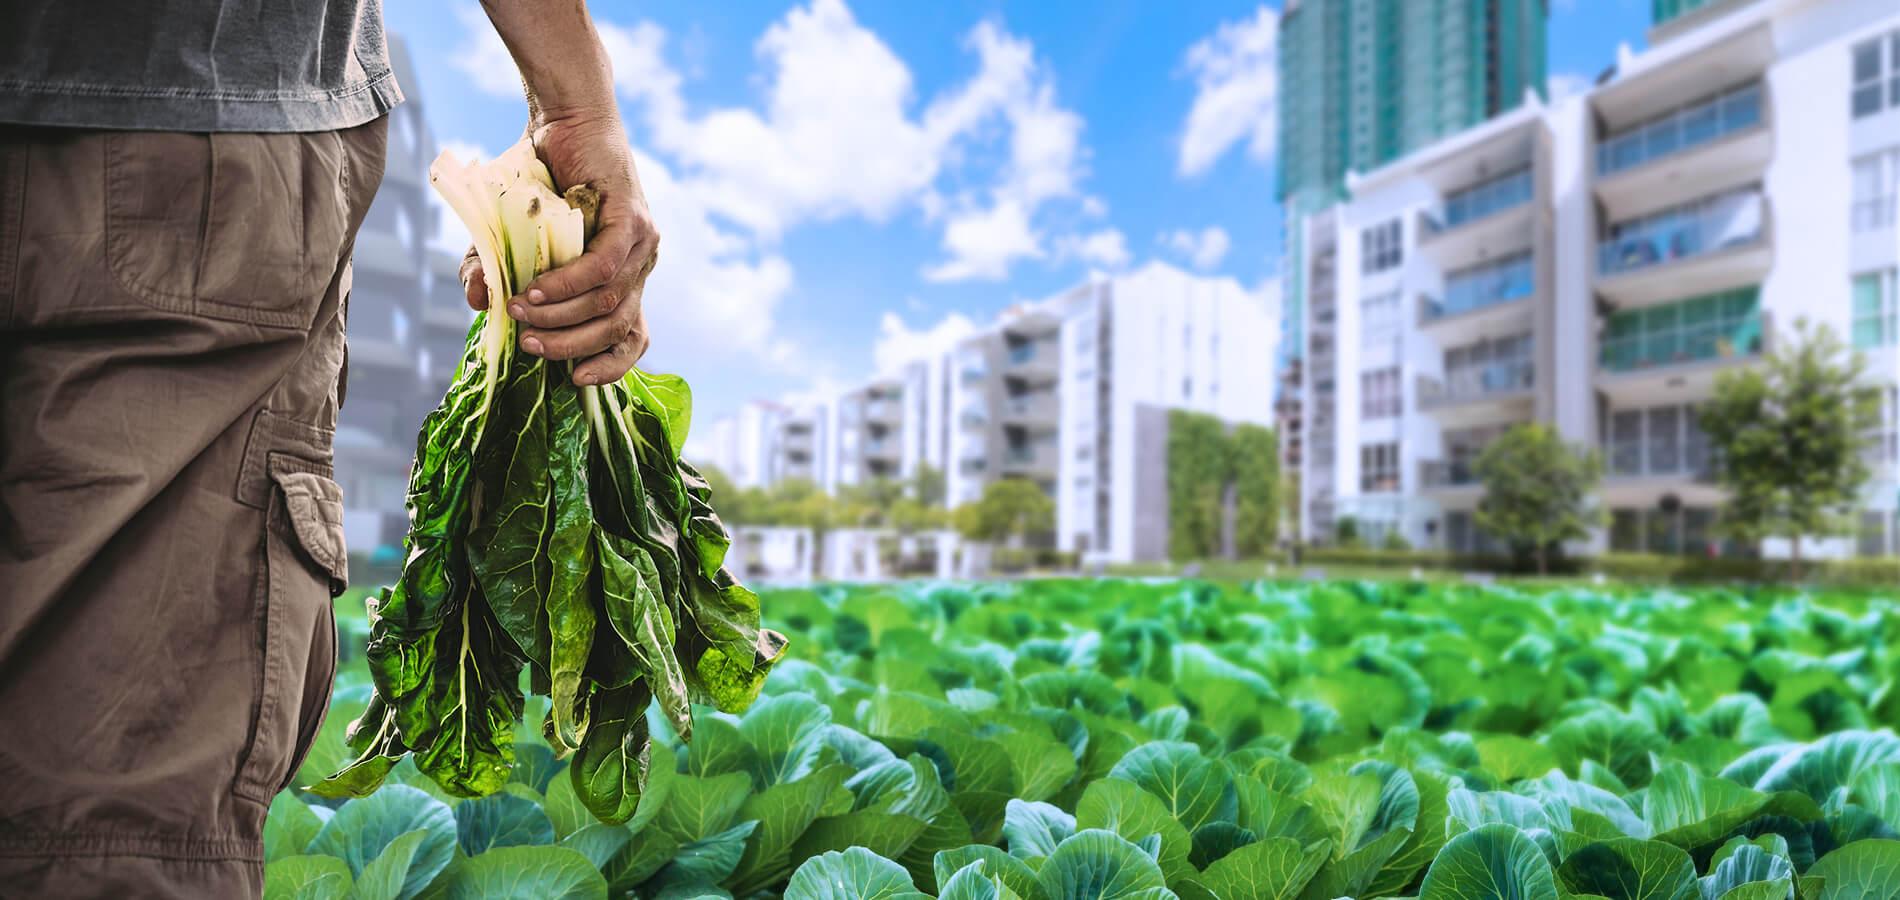 باغبانی شهری و کشاورزی شهری